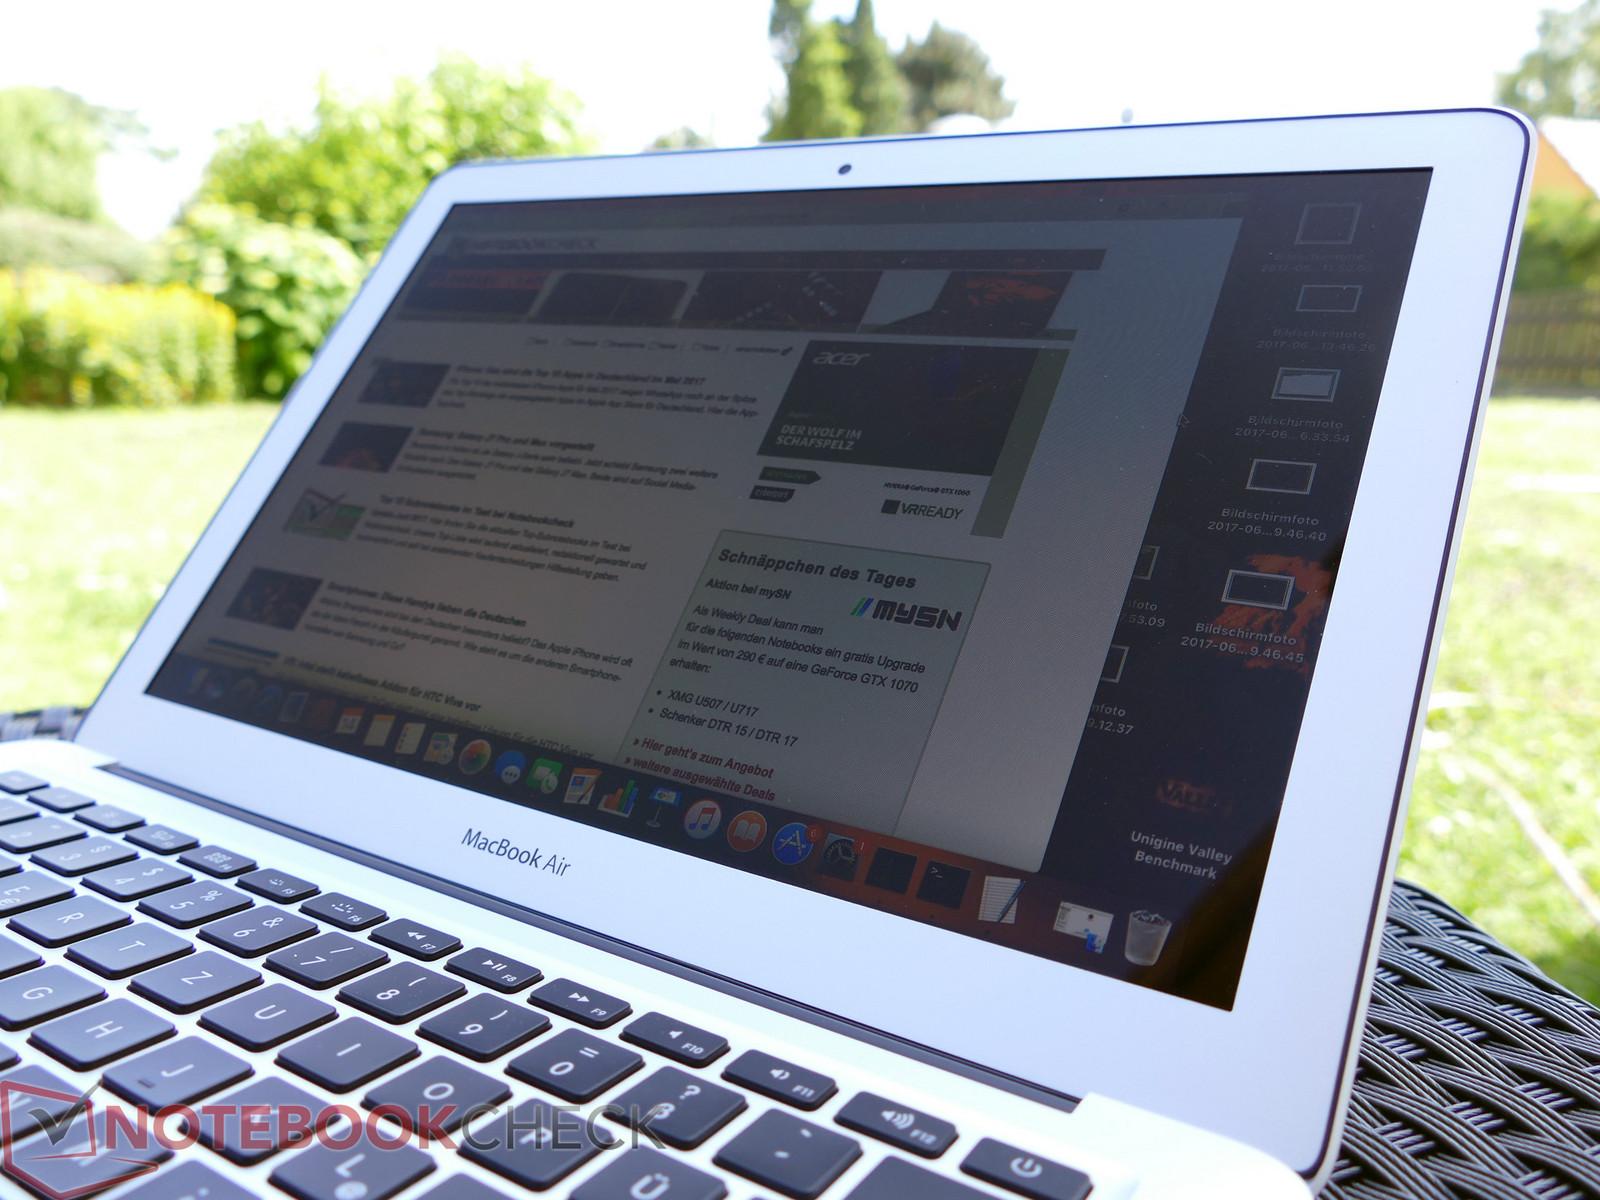 test apple macbook air 13 2017 laptop 1 8 ghz. Black Bedroom Furniture Sets. Home Design Ideas